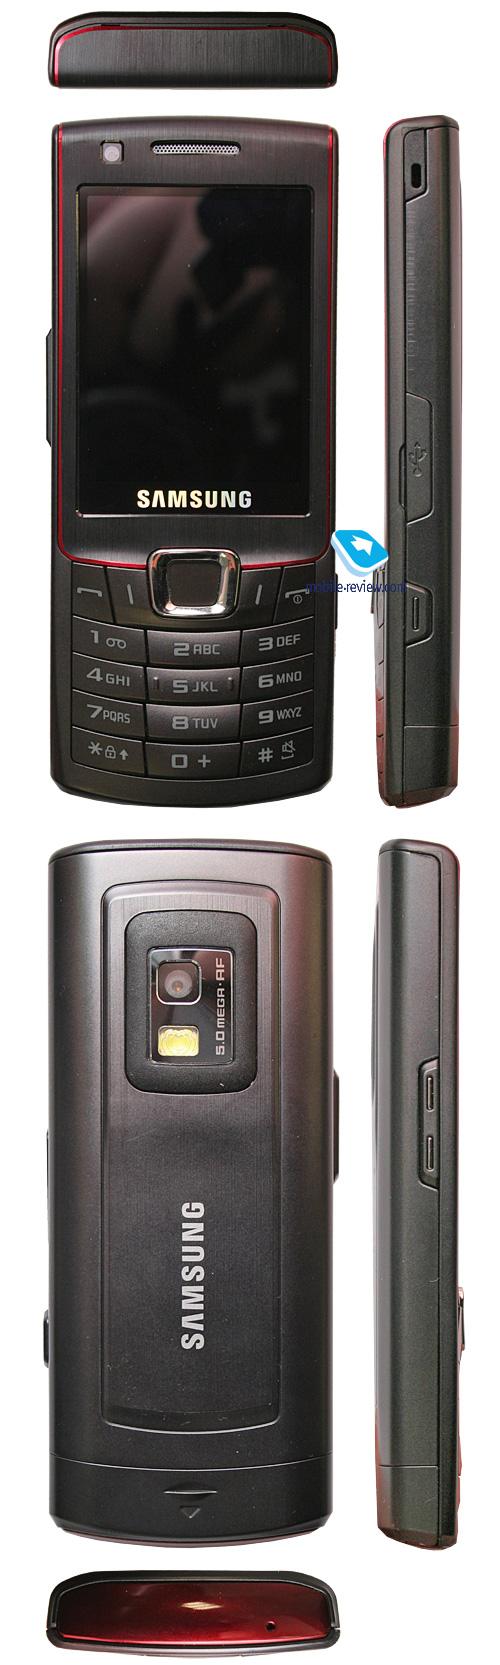 mobile review com review of gsm umts handset samsung s7220 ultra rh mobile review com